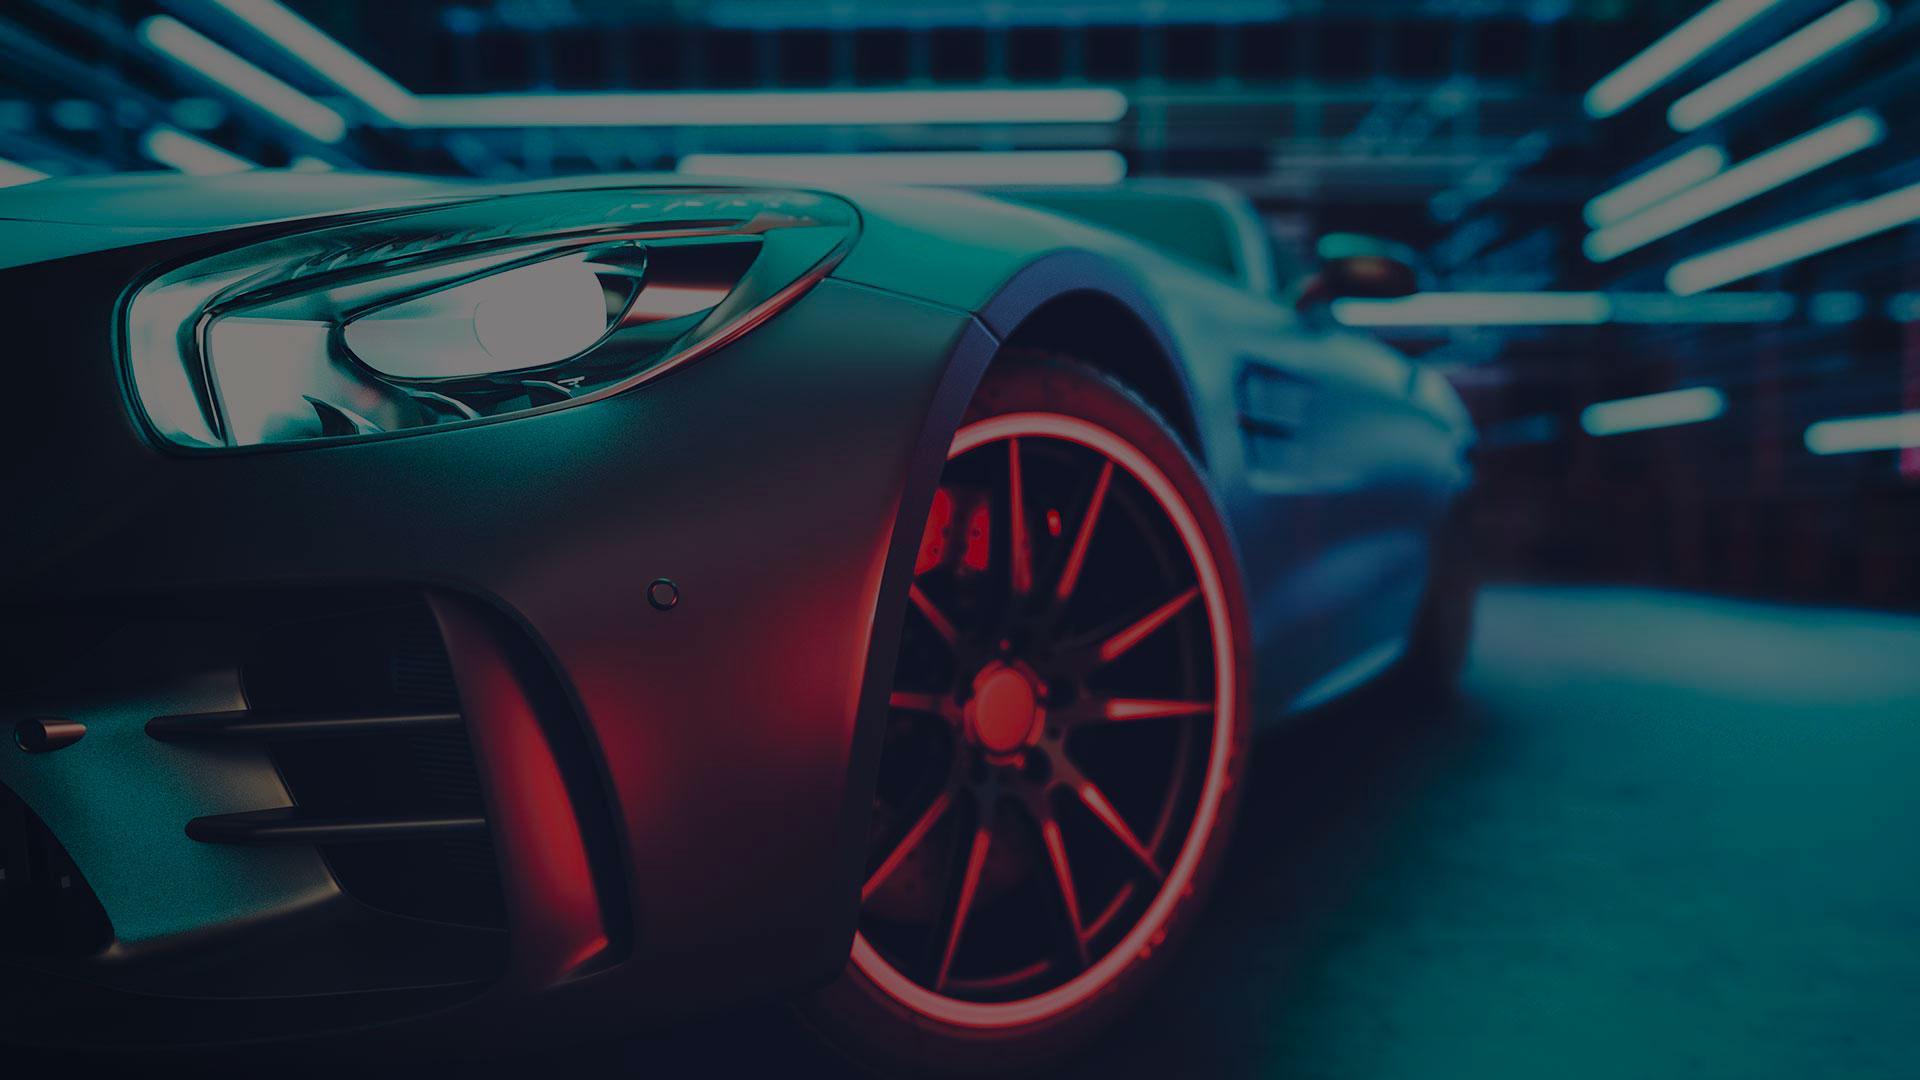 moteur-voiture-sport-slider-paris-ile-de-France-occasion-neuf-livre-75-91-93-94-78-77-92-pas-cher-livraison-rapide